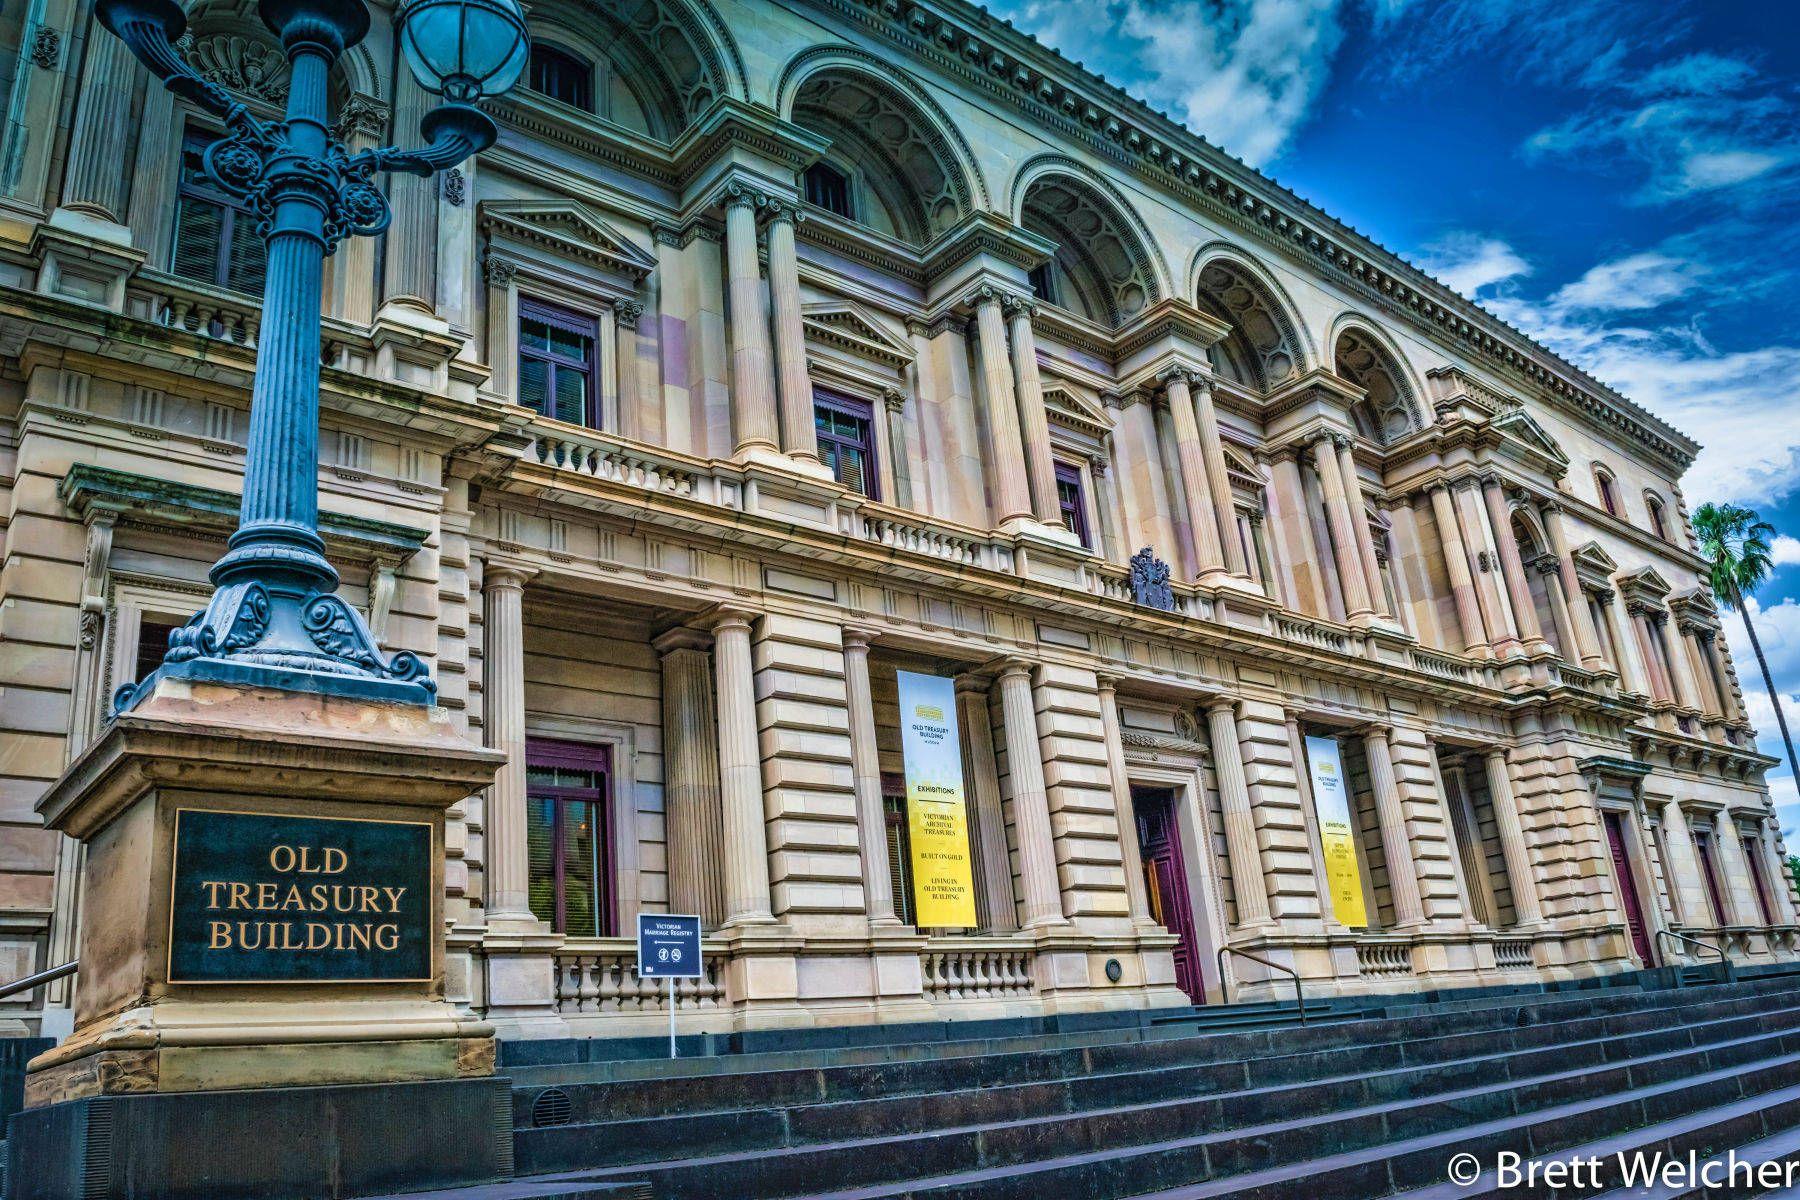 Old Treasury Building - Melbourne, Victoria